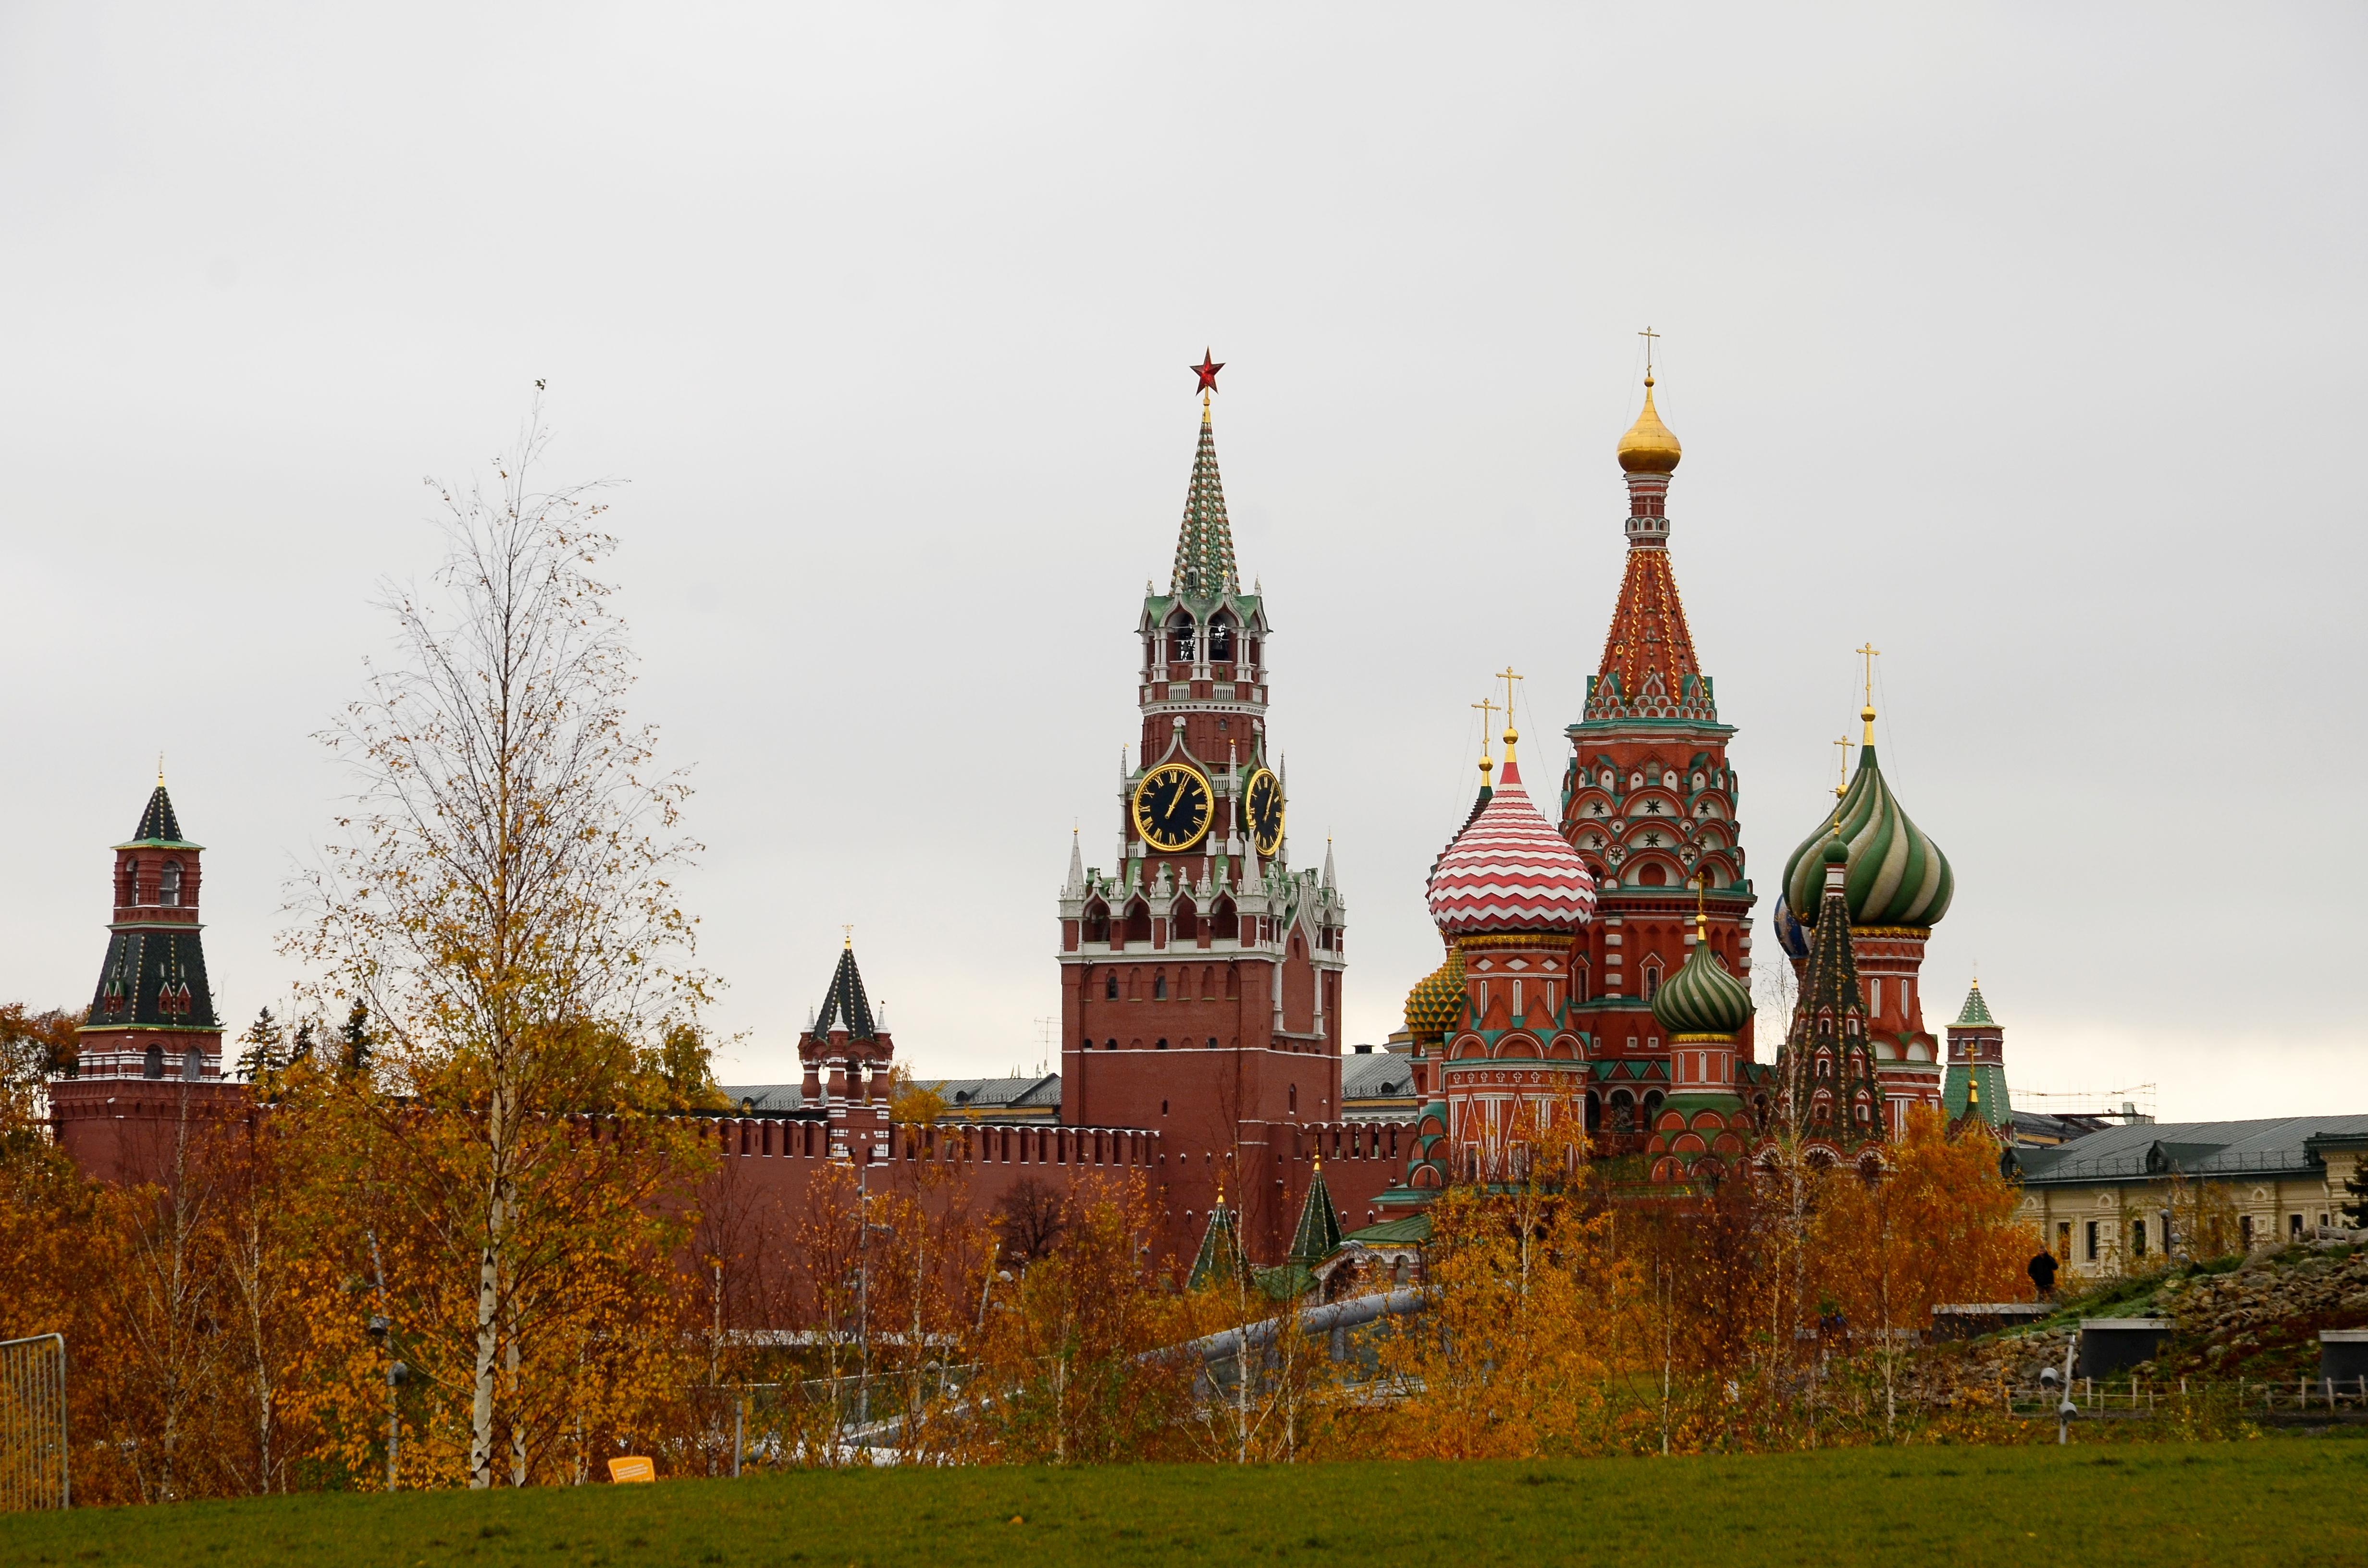 Синоптики пообещали теплую погоду в Москве